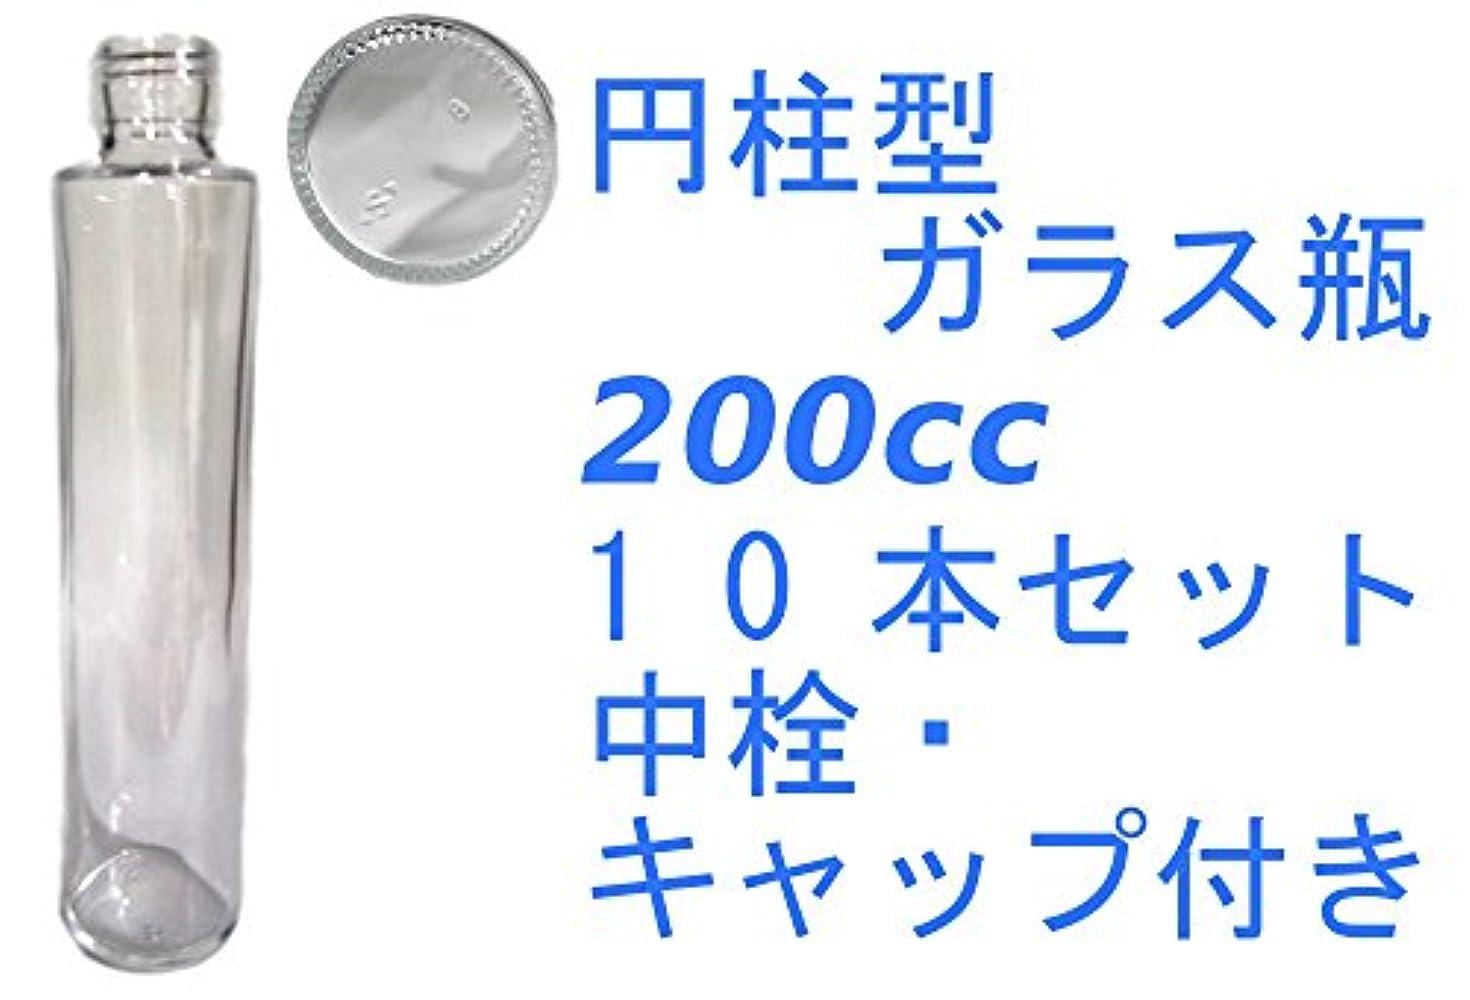 複雑でない古代幸福(ジャストユーズ)JustU's 日本製 ポリ栓 中栓付き円柱型ガラス瓶 10本セット 200cc 200ml アロマディフューザー ハーバリウム 調味料 オイル タレ ドレッシング瓶 B10-SSS200A-A